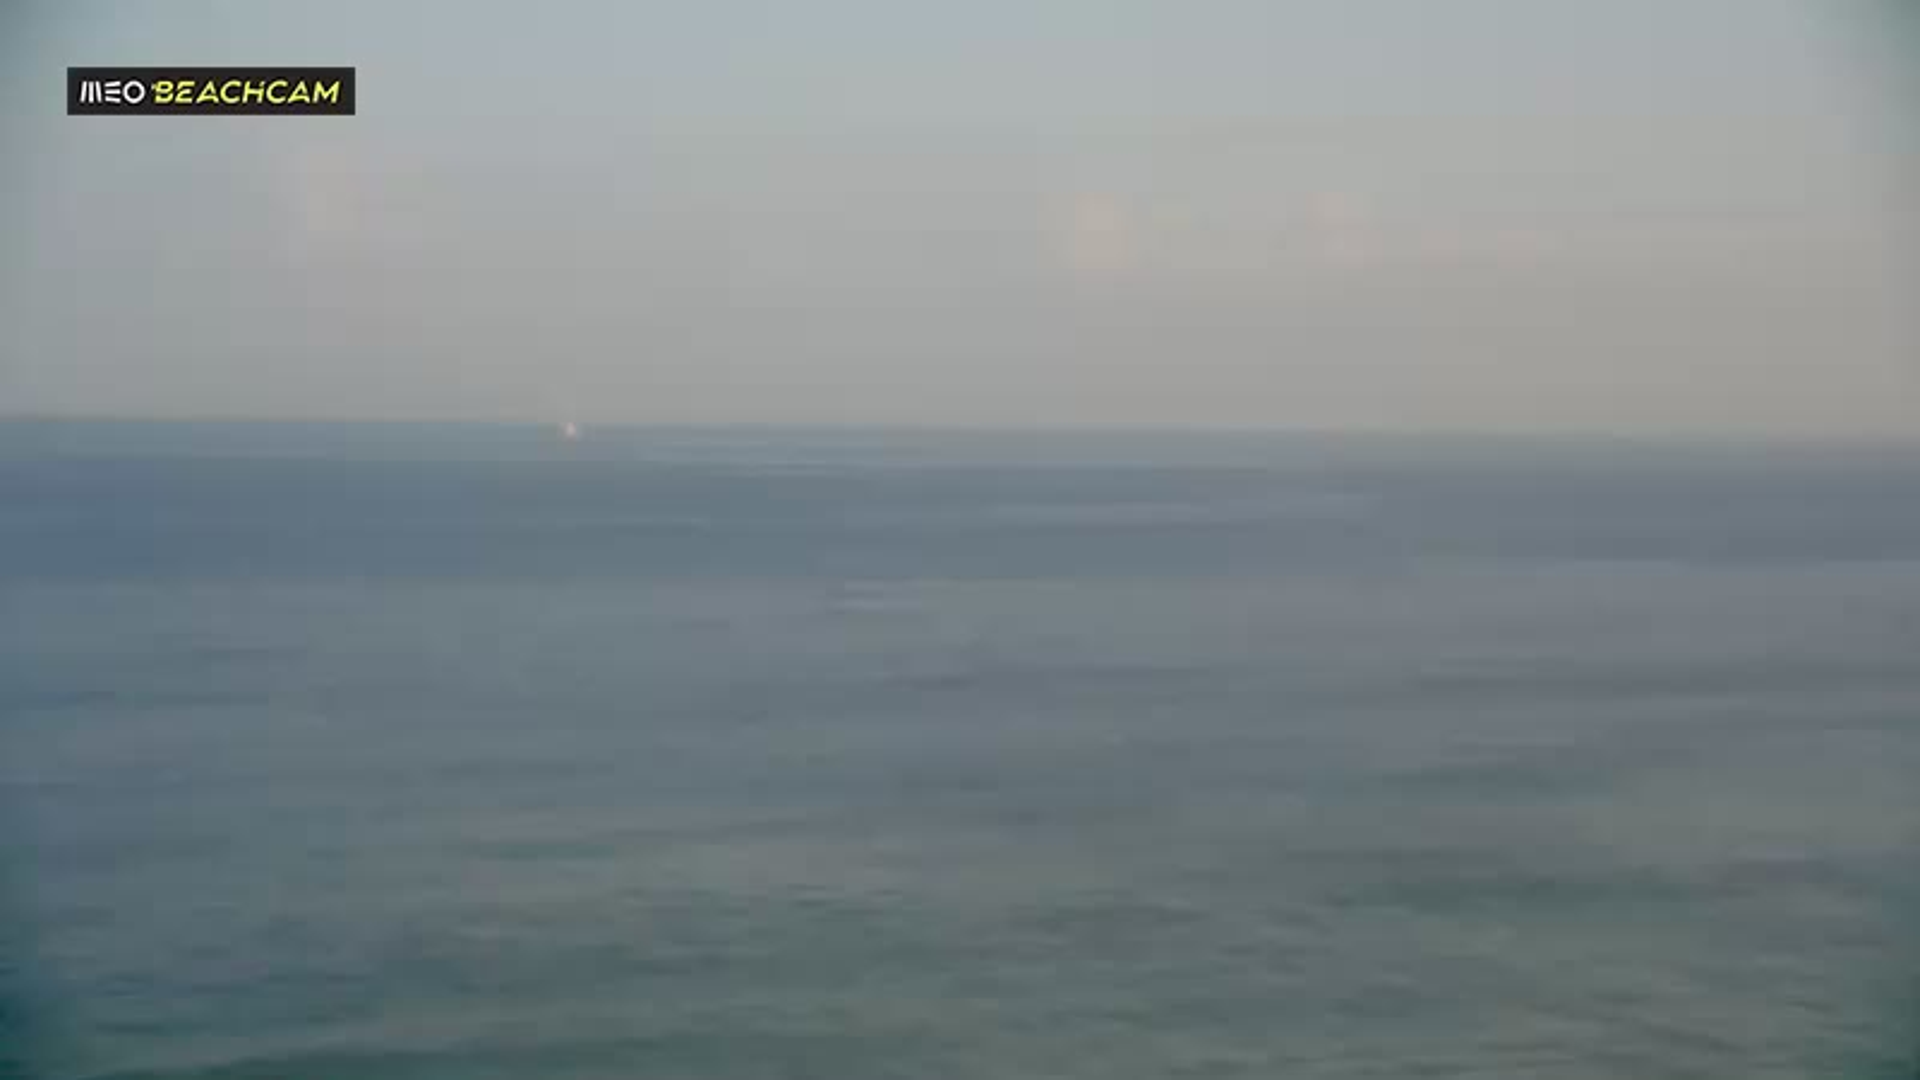 Praia Grande Di. 07:53